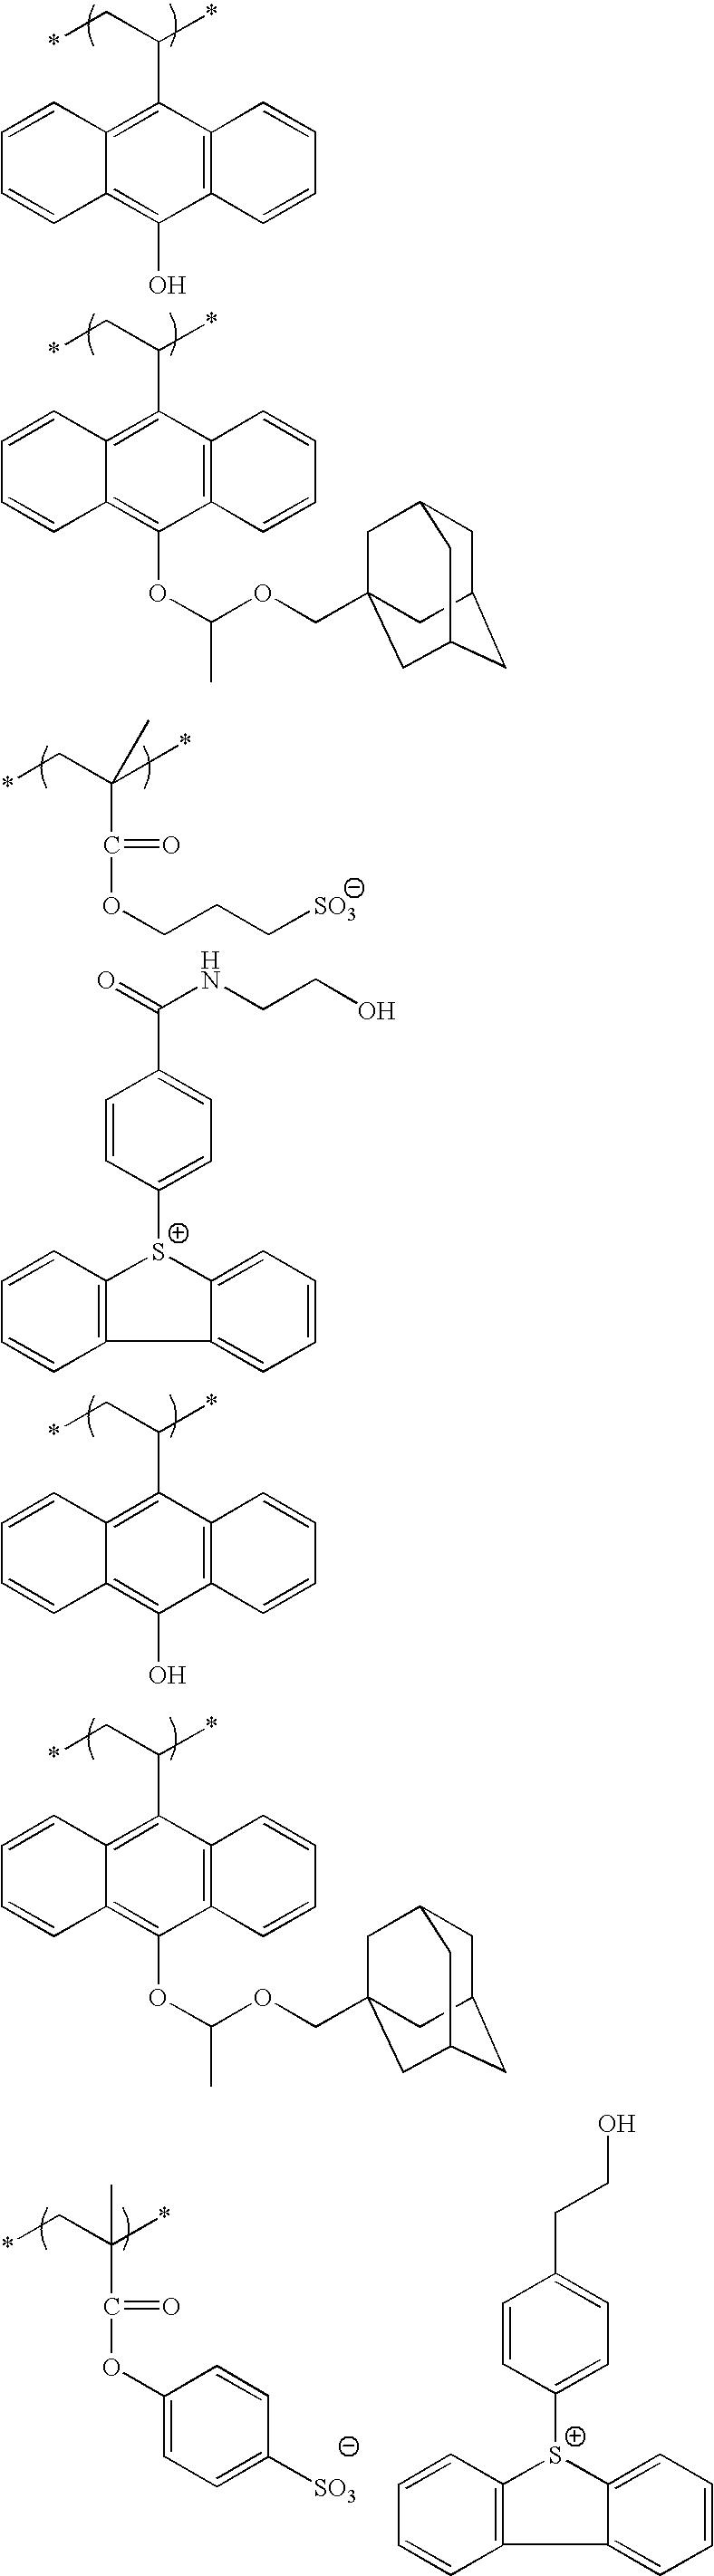 Figure US20100183975A1-20100722-C00192